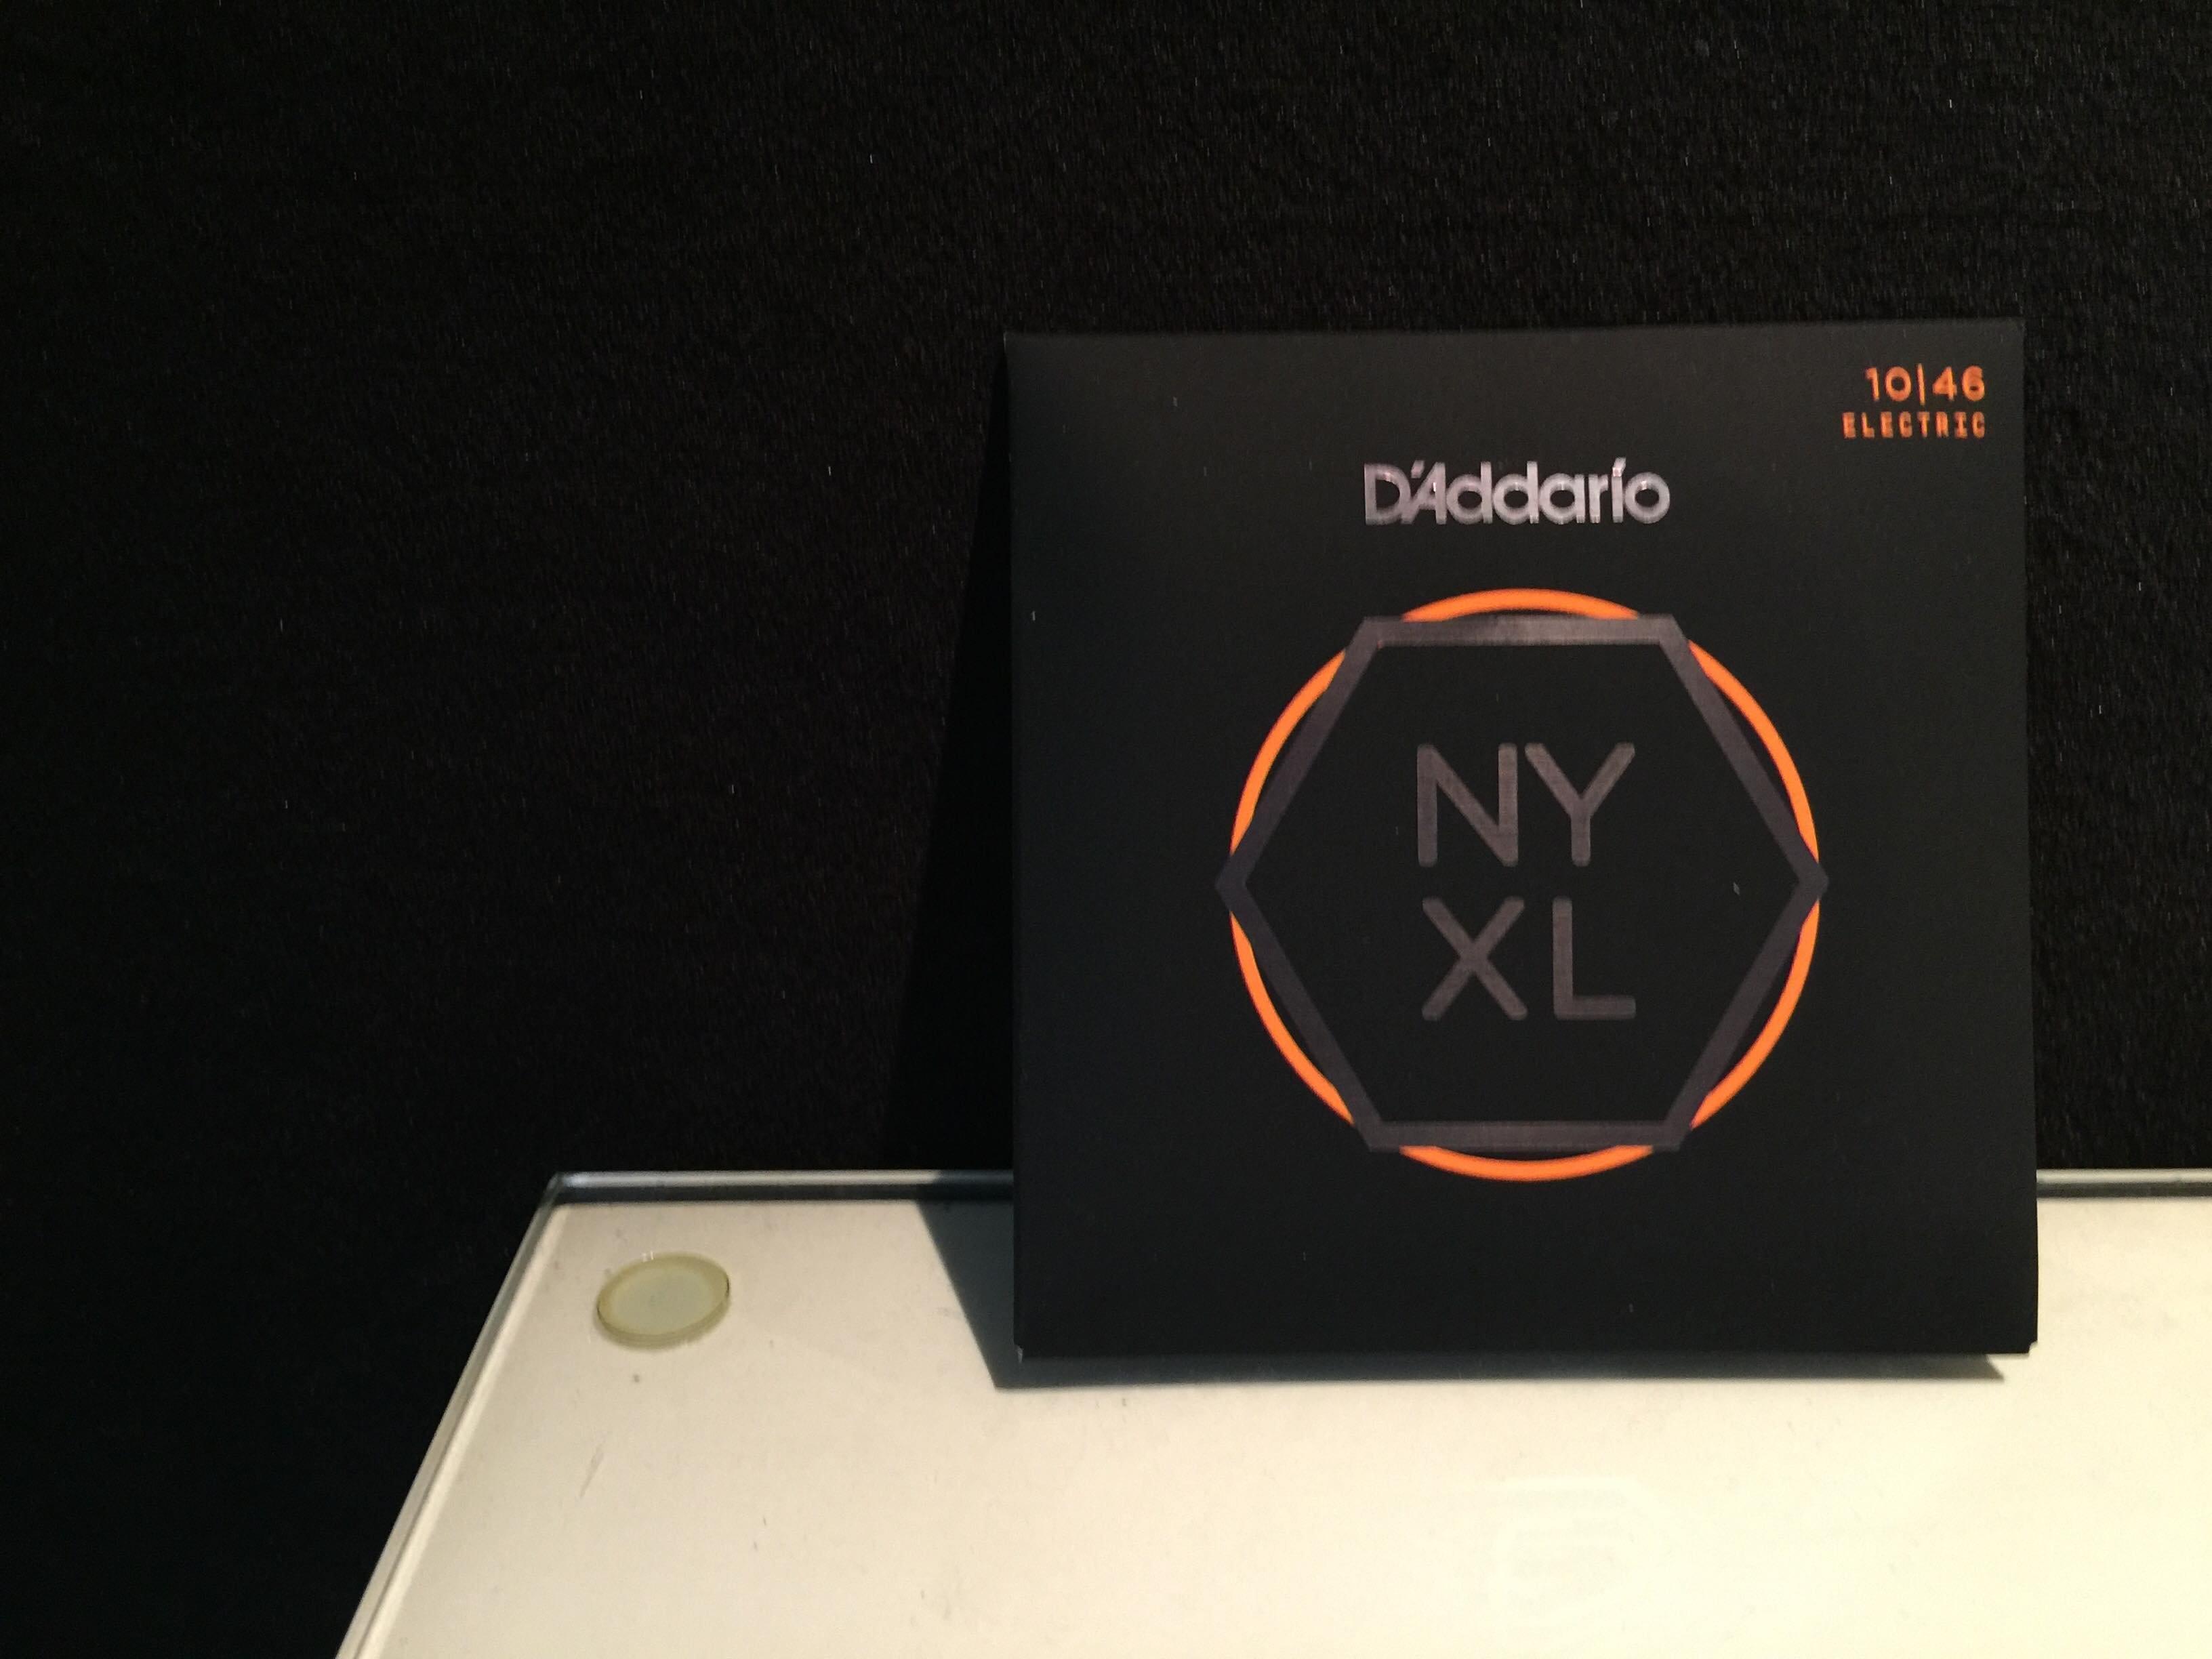 【反拍樂器】Daddario NYXL 10-46 Nickel Wound 電吉他弦 免運費 Daddario